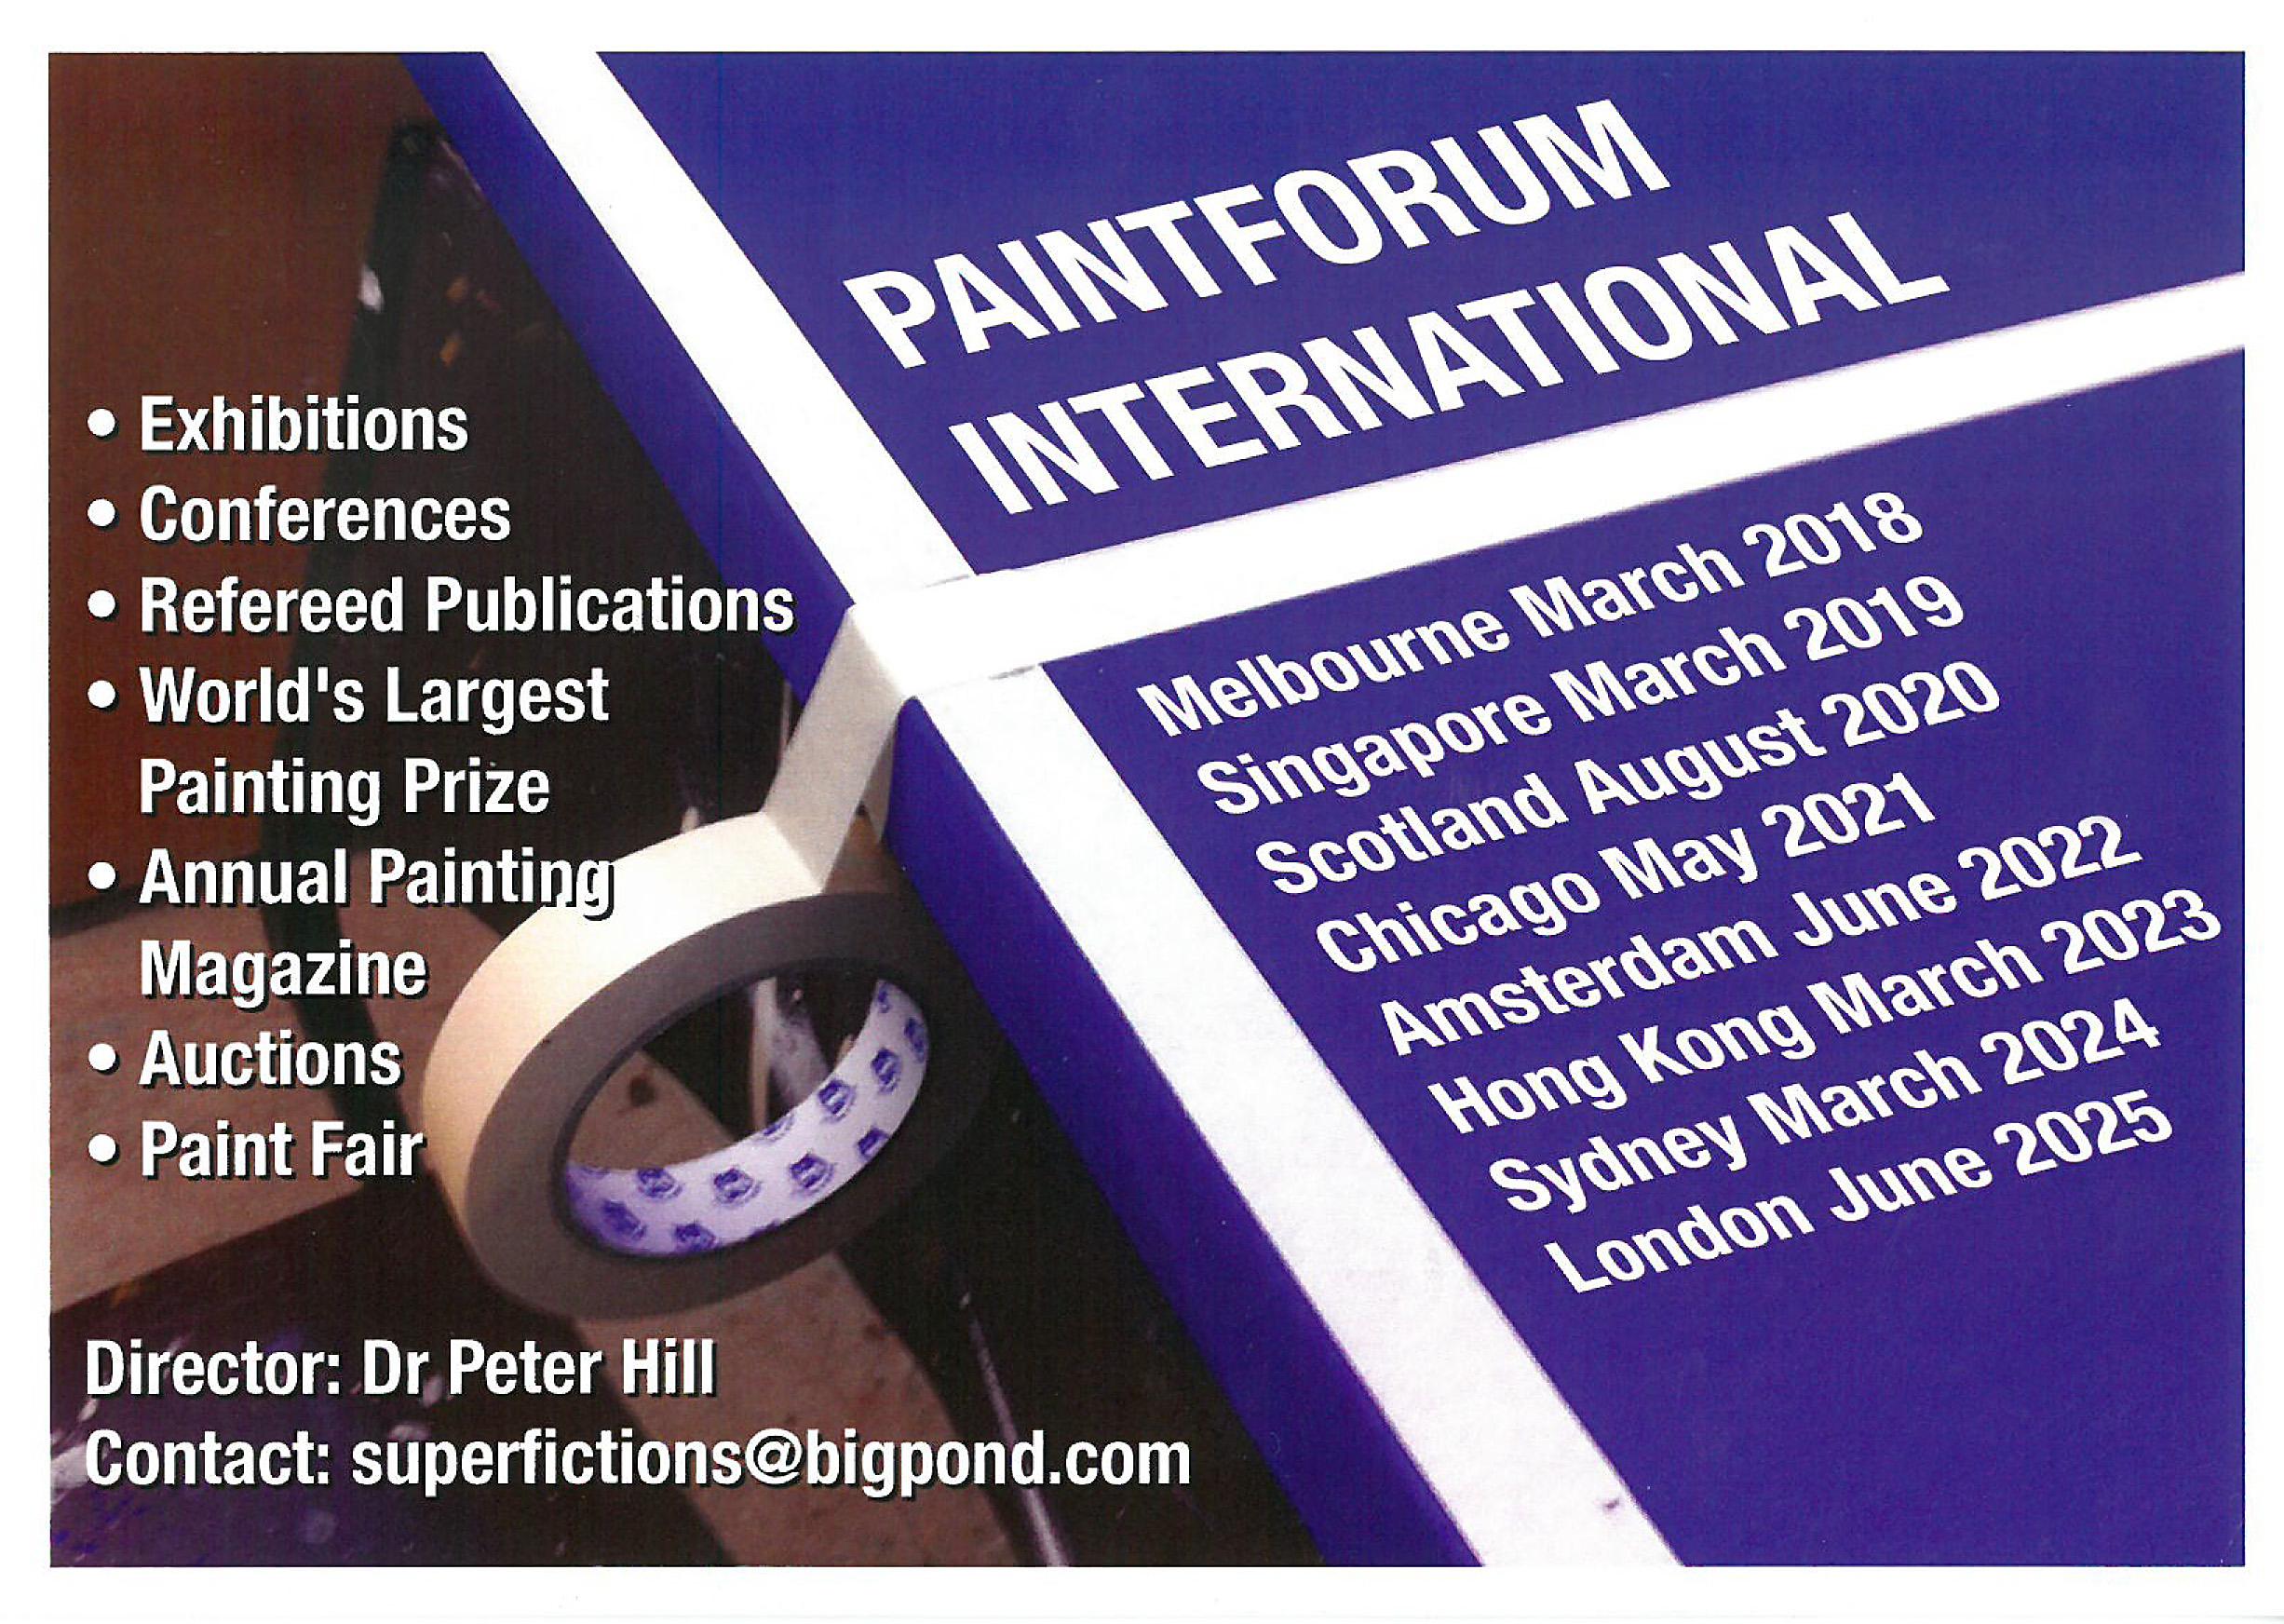 3 Paintforum International Postcard.jpg